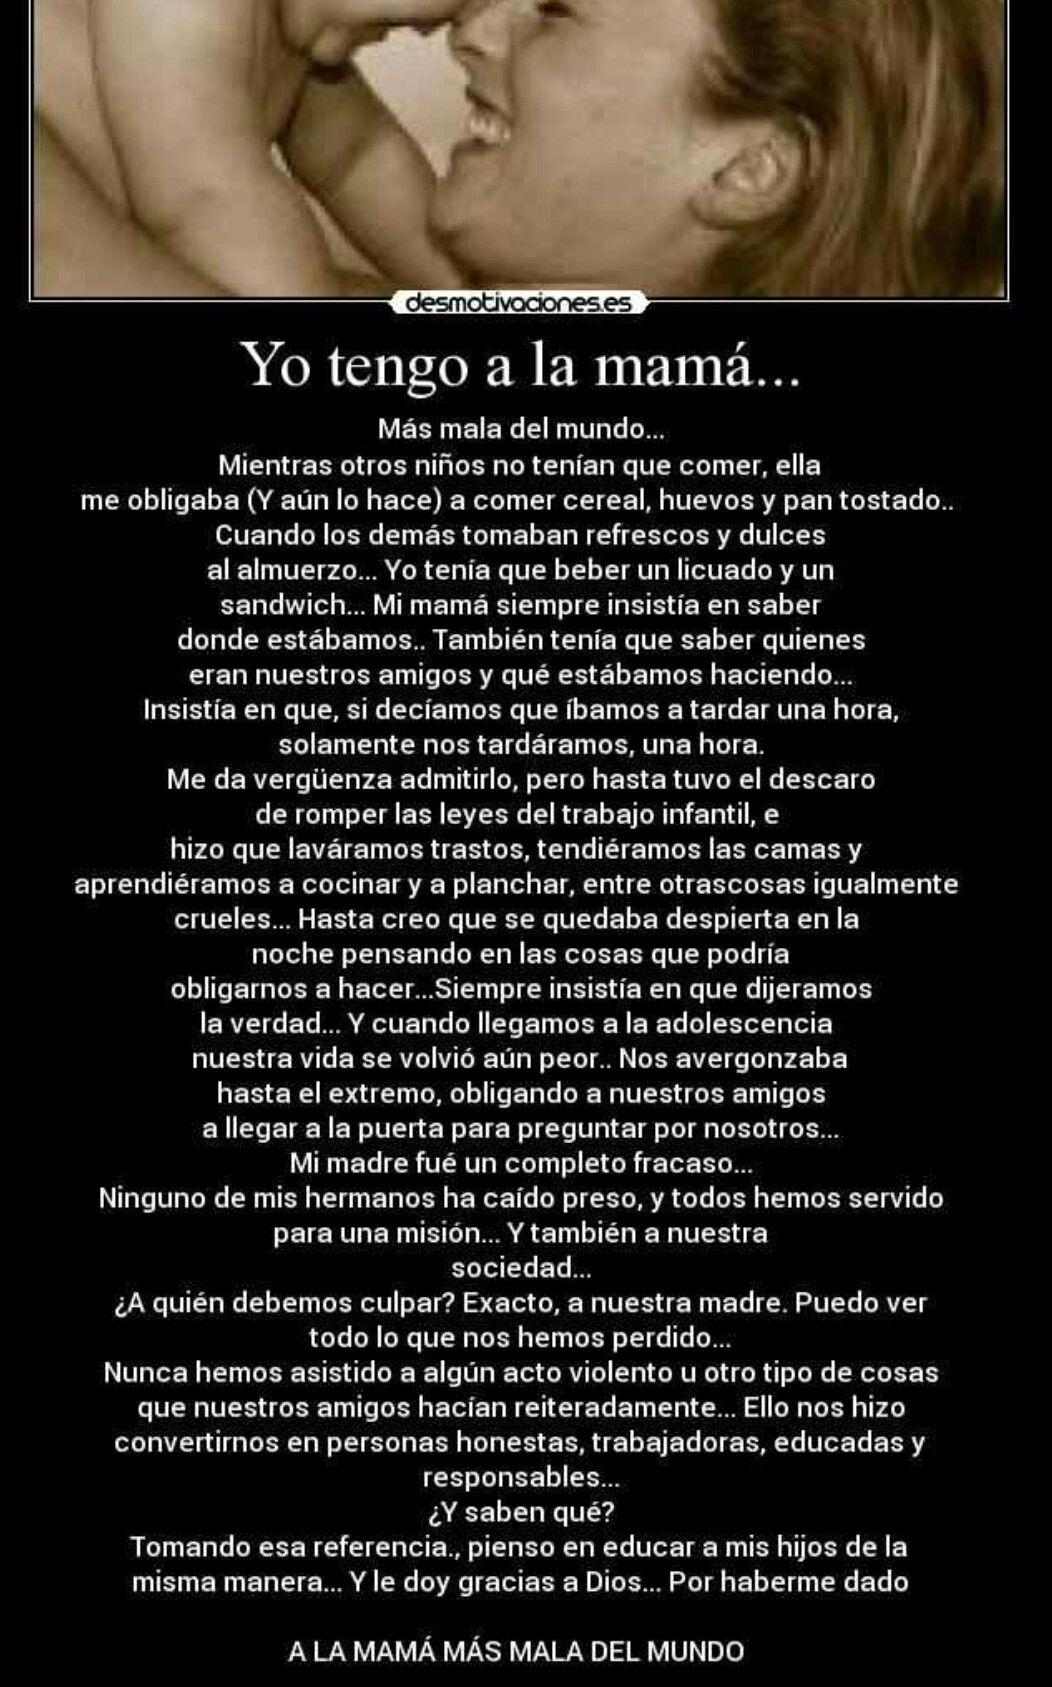 mama mas